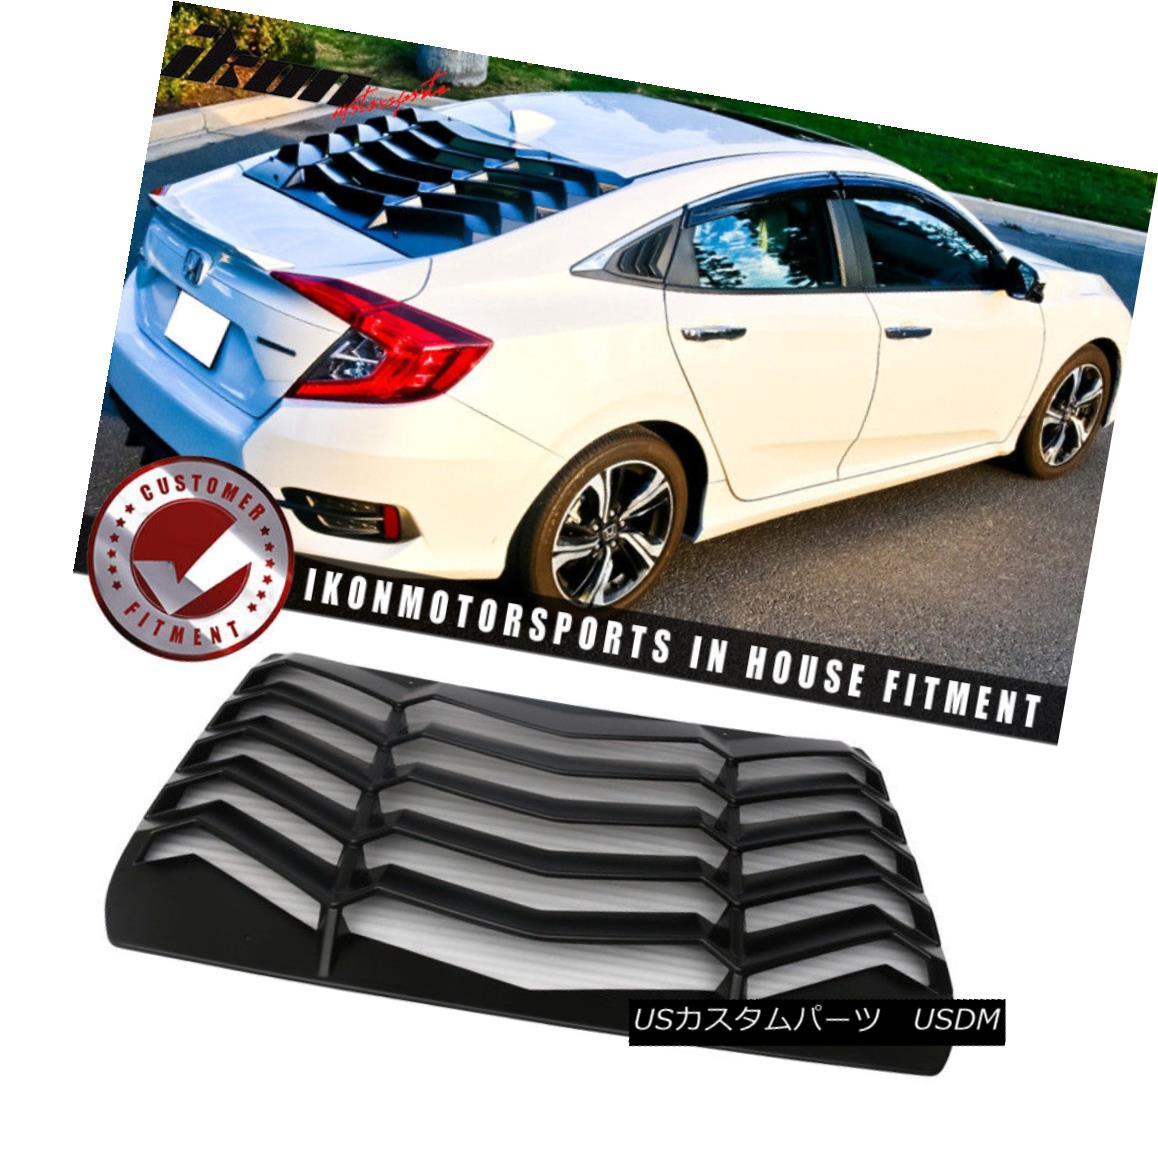 エアロパーツ Fits 16-18 Honda Civic Sedan Rear Window Louvers Cover Sun Shade ABS フィット16-18ホンダシビックセダンリアウィンドウルーバーカバー日陰ABS